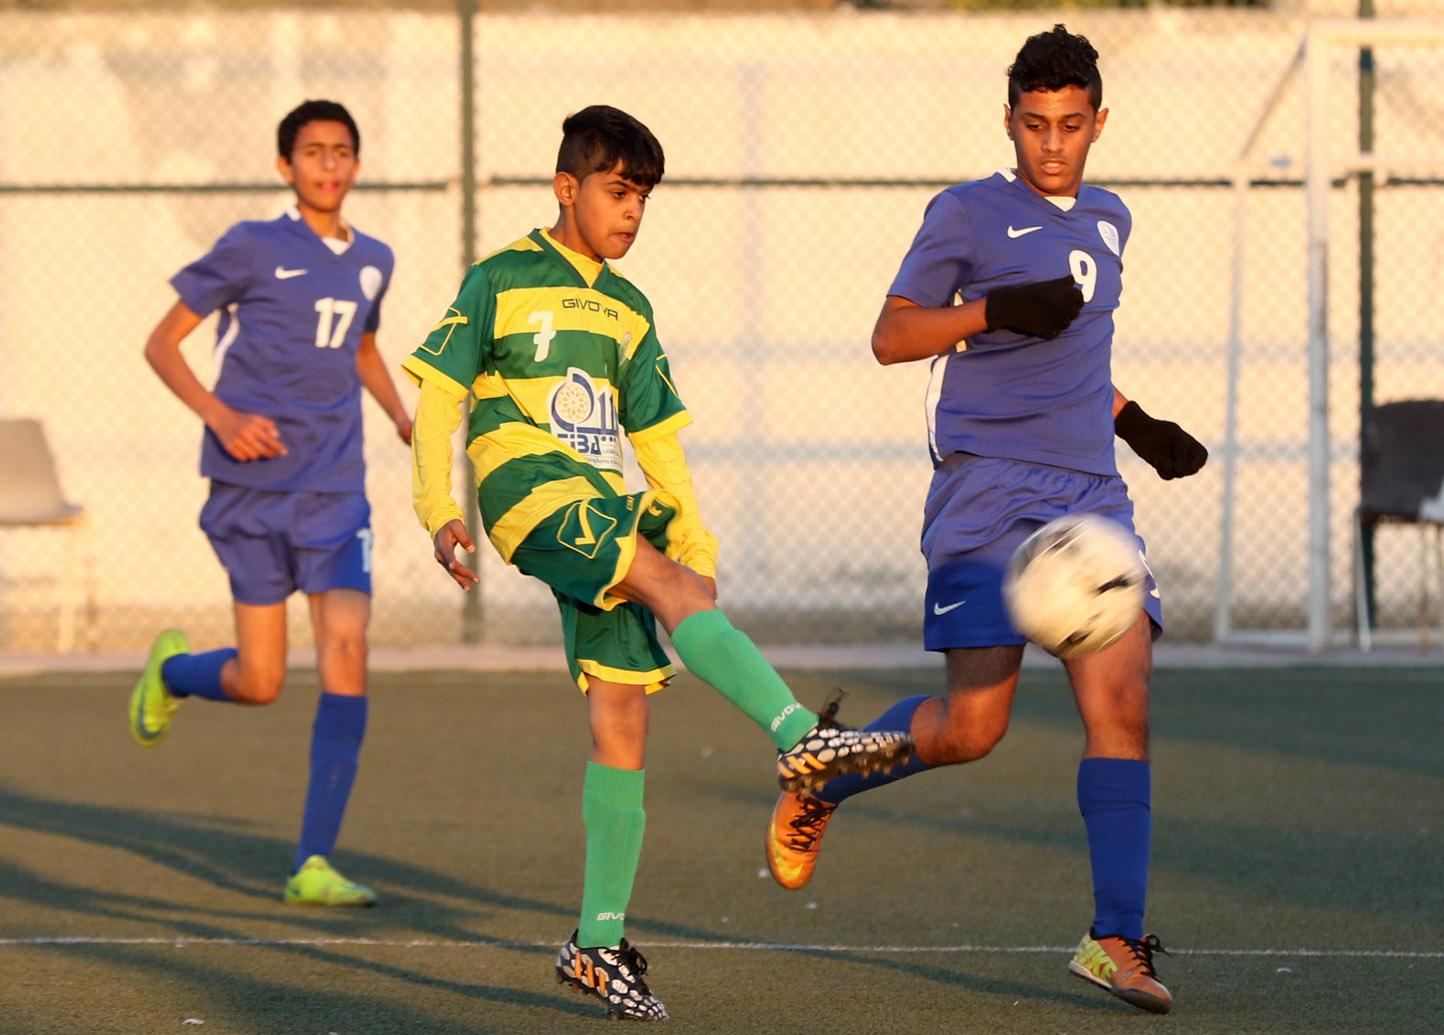 المالكية تغلب على الحد بثلاثة أهداف لهدف وواصل الصدارة مع المحرق (تصوير - جعفر حسن)